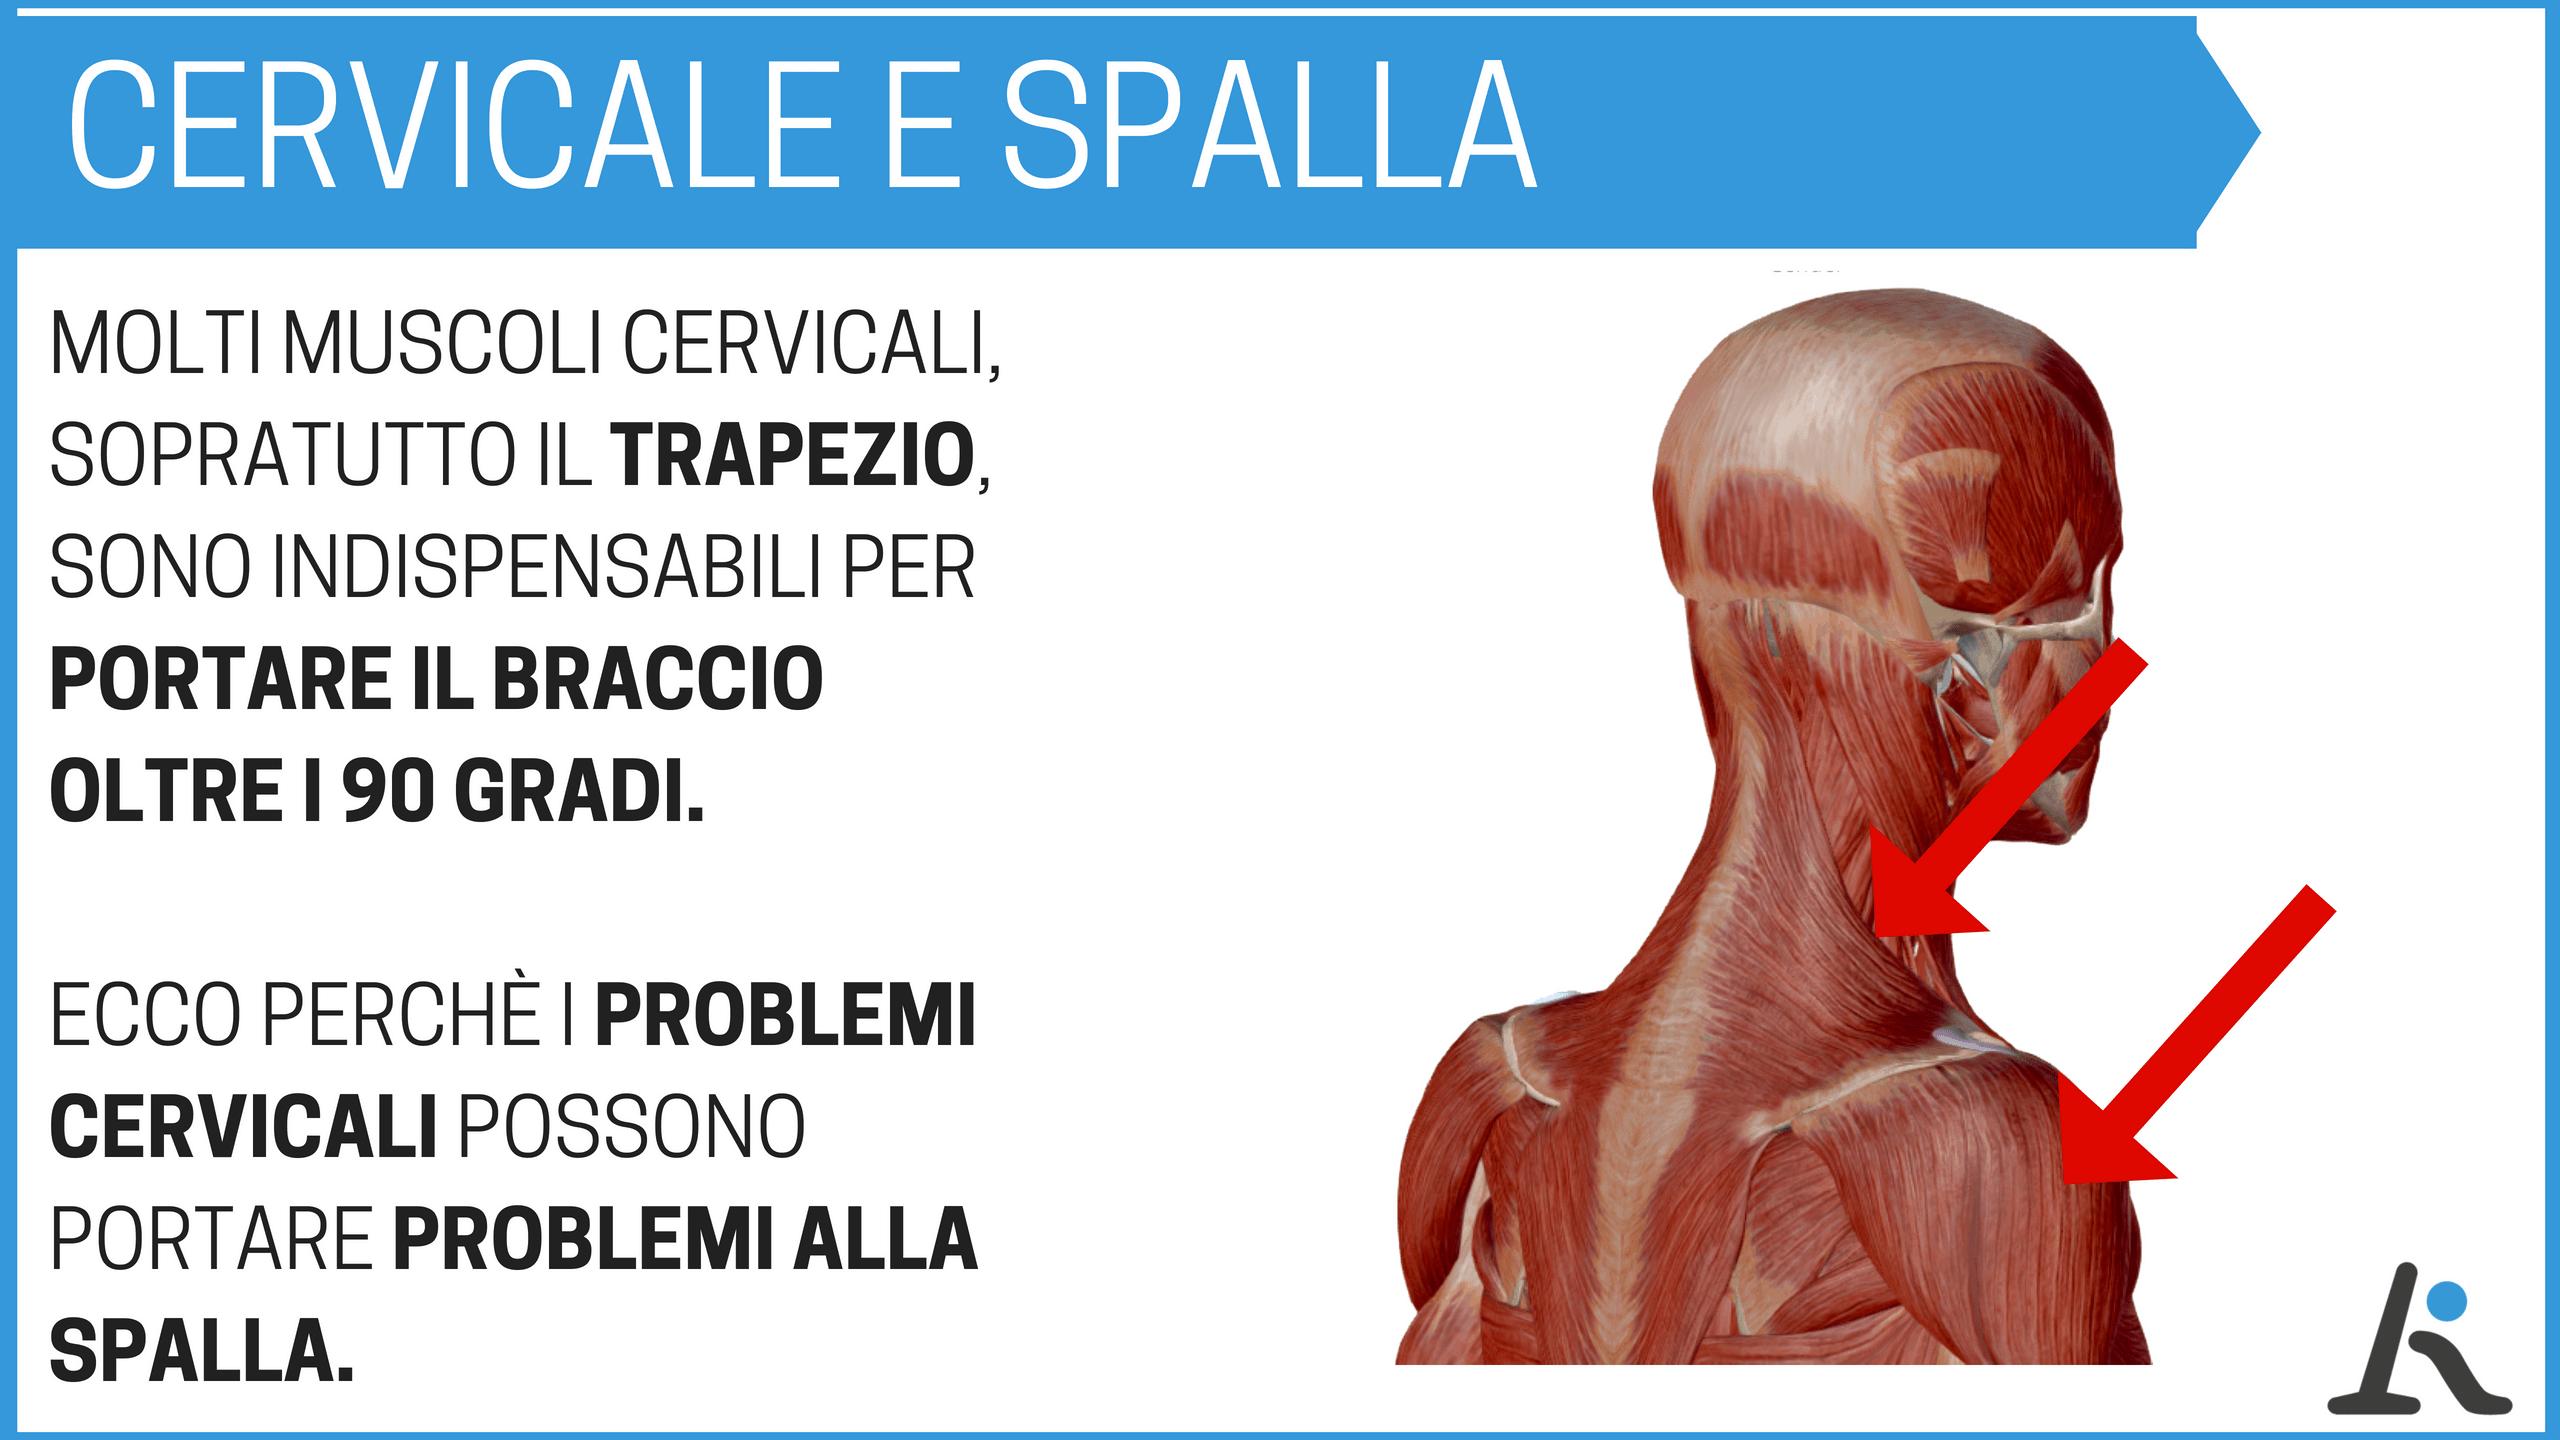 I problemi cervicali possono causare dolori alla spalla